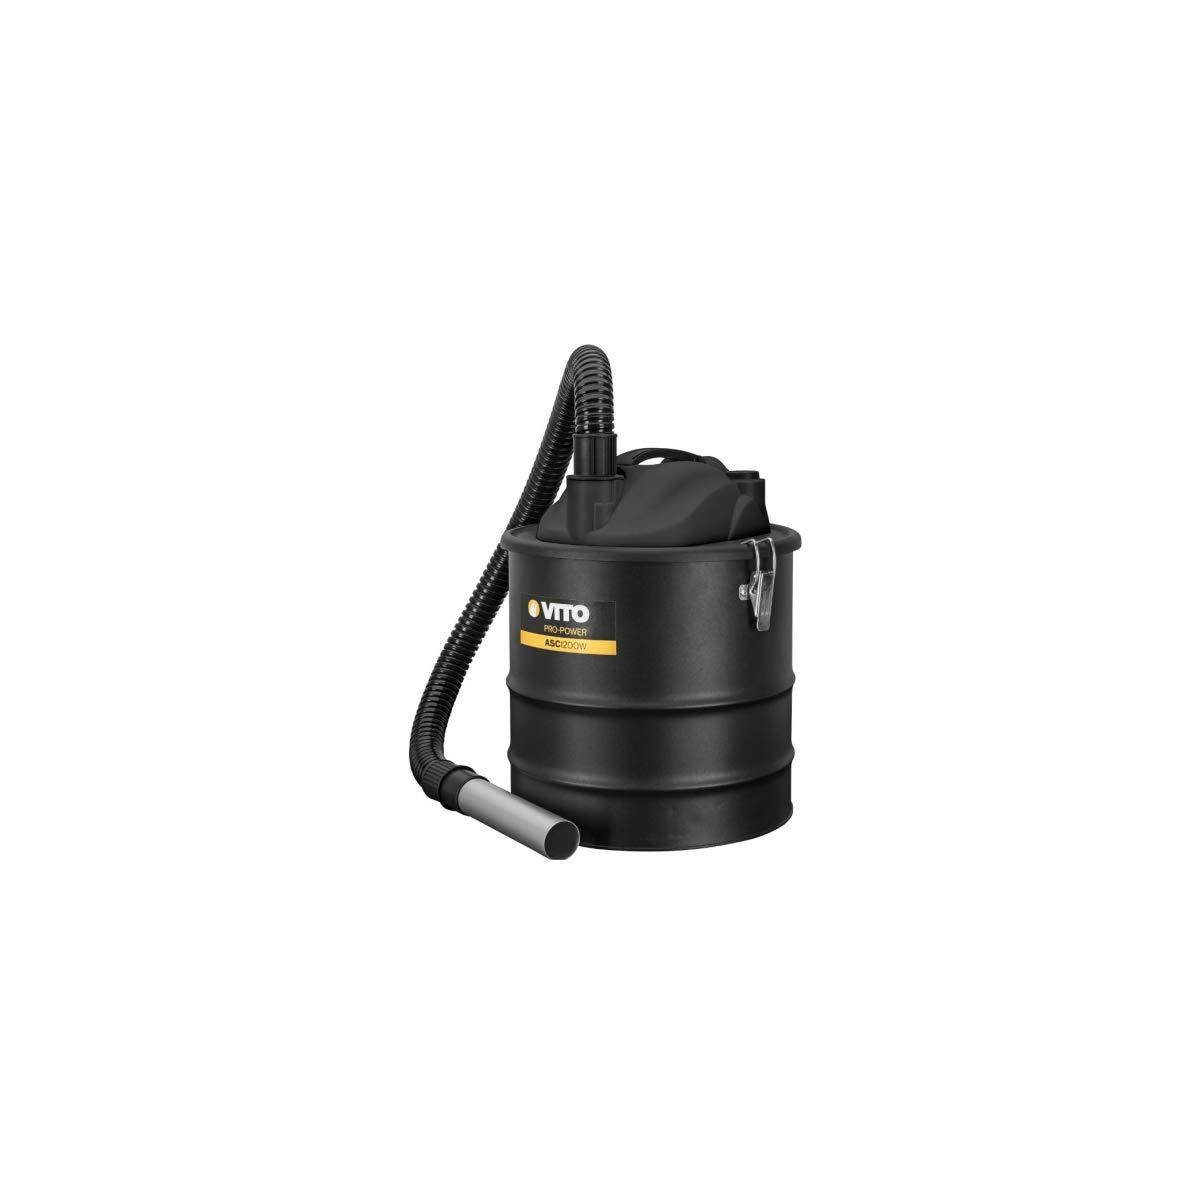 Aspirador de cenizas de Vito 1200 W bandeja 18L incluye filtro HEPA especial Barbecues y sartenes de hasta 50 °C función soplador: Amazon.es: Bricolaje y ...